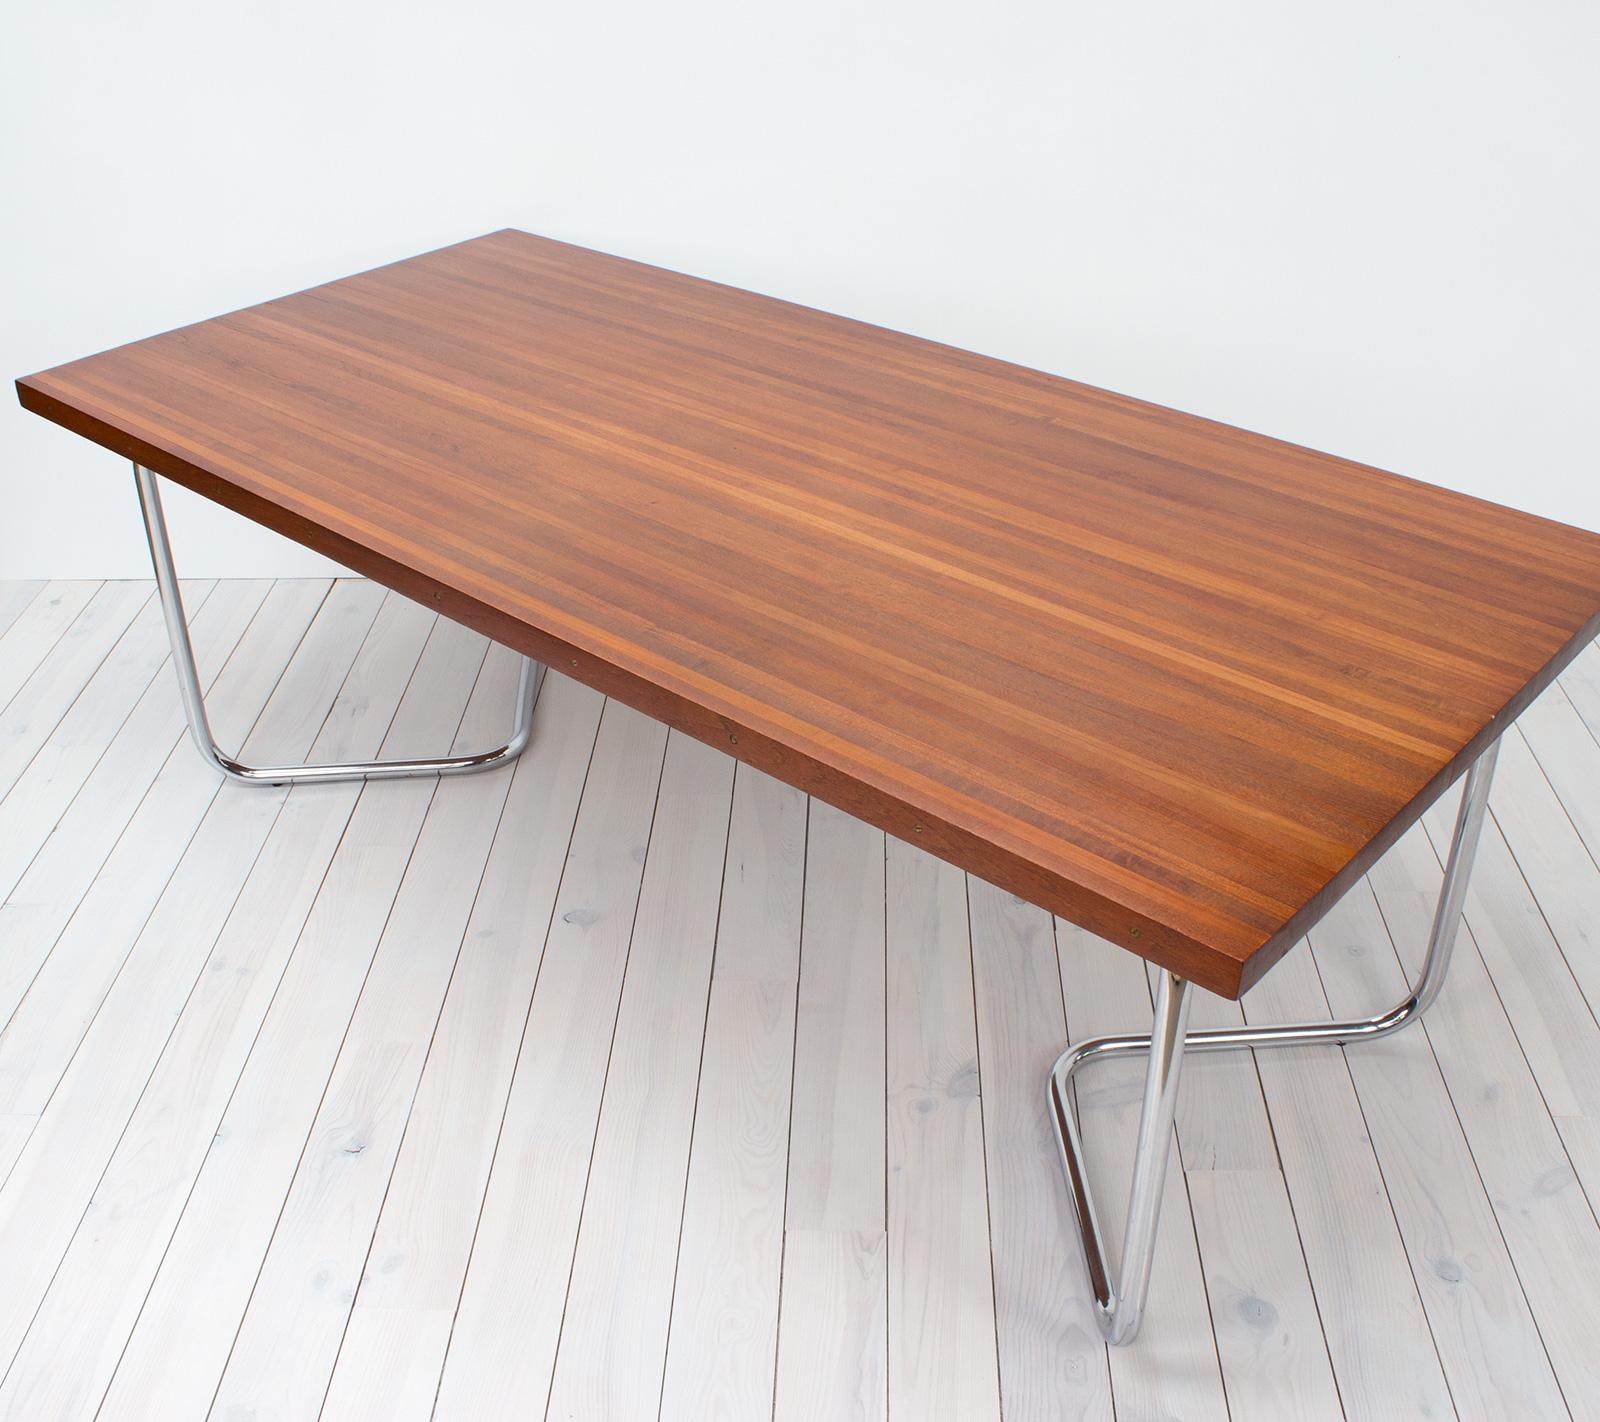 1980s Teak Dining Table With Tubular Chrome Legs